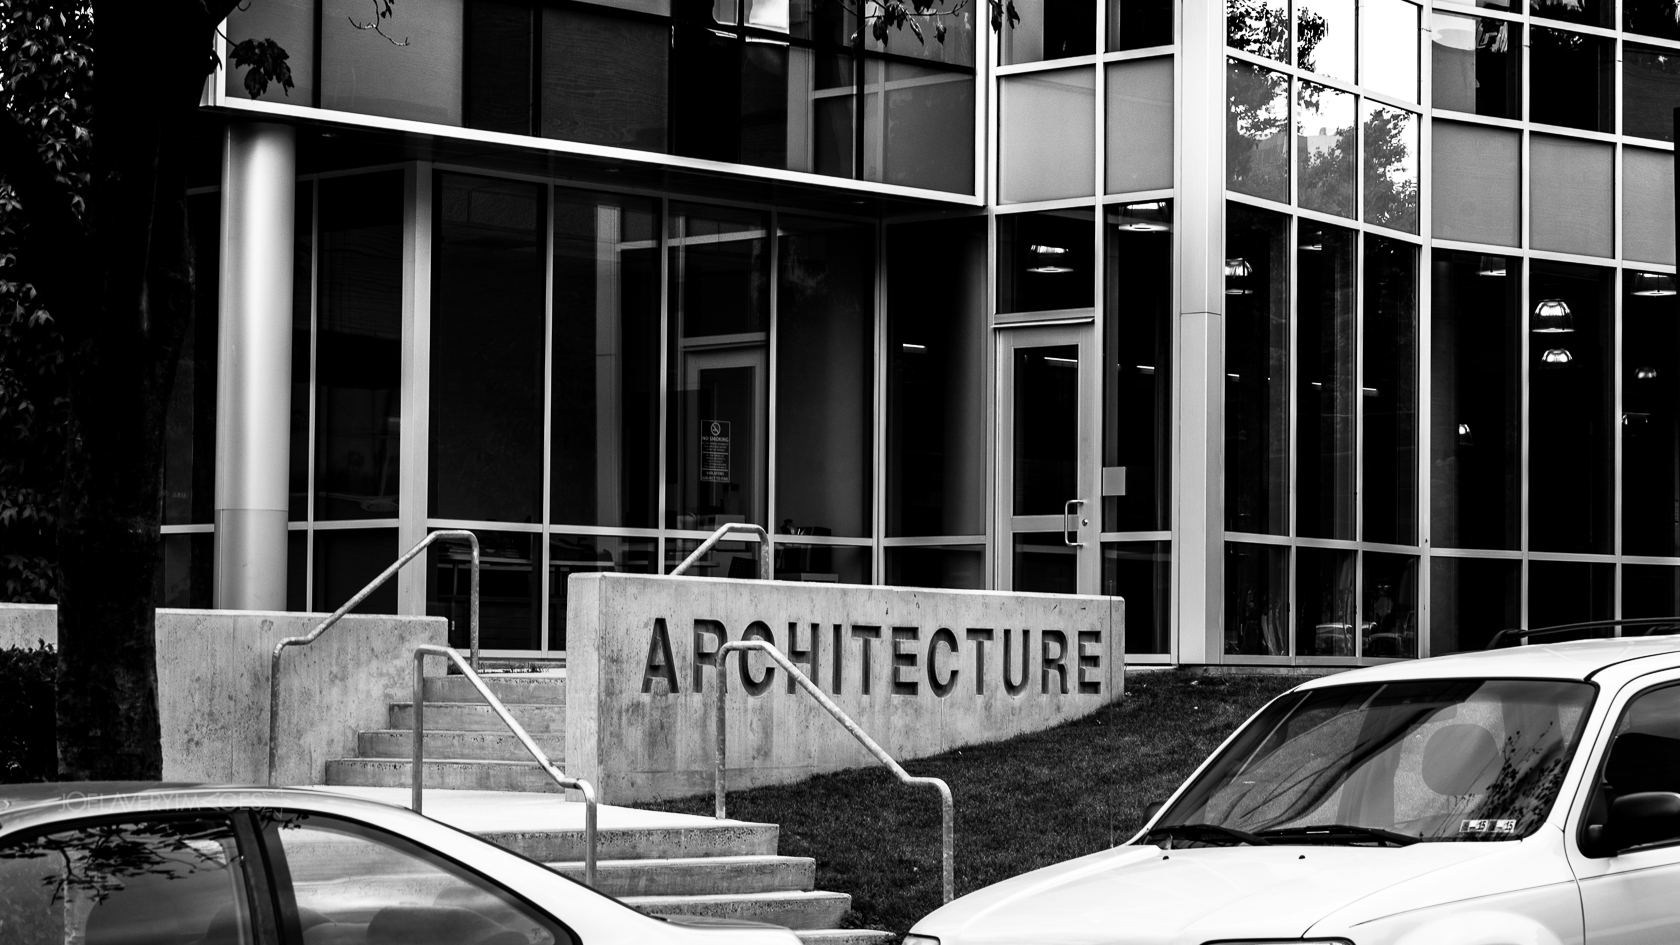 Architecture Building, Temple University